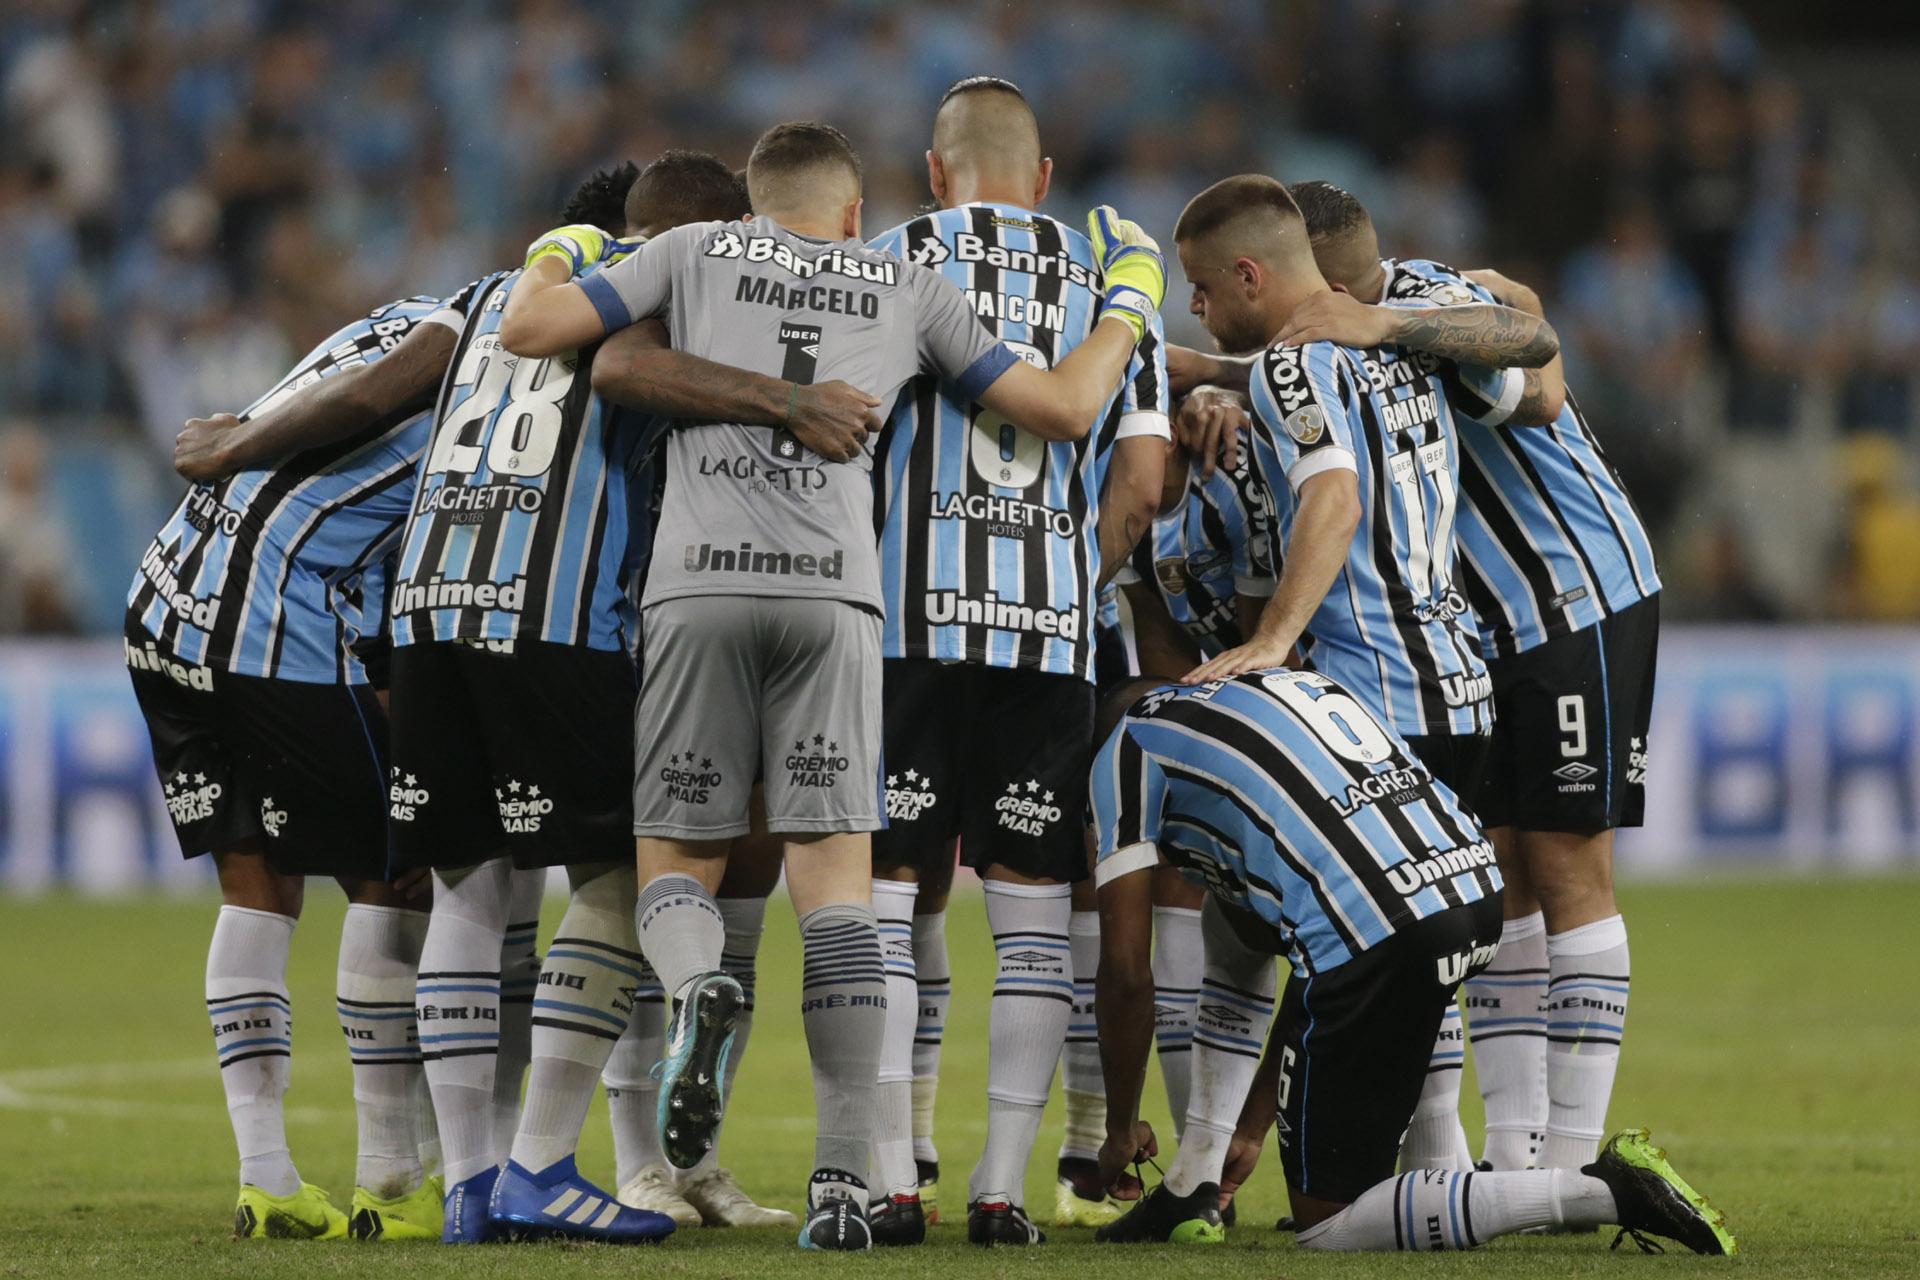 Los jugadores de Gremio de Porto Alegre se mostraban confiados en ratificar lo hecho en la ida de la semifinal en la que vencieron a River en Buenos Aires pero fallaron en la revancha (AP )